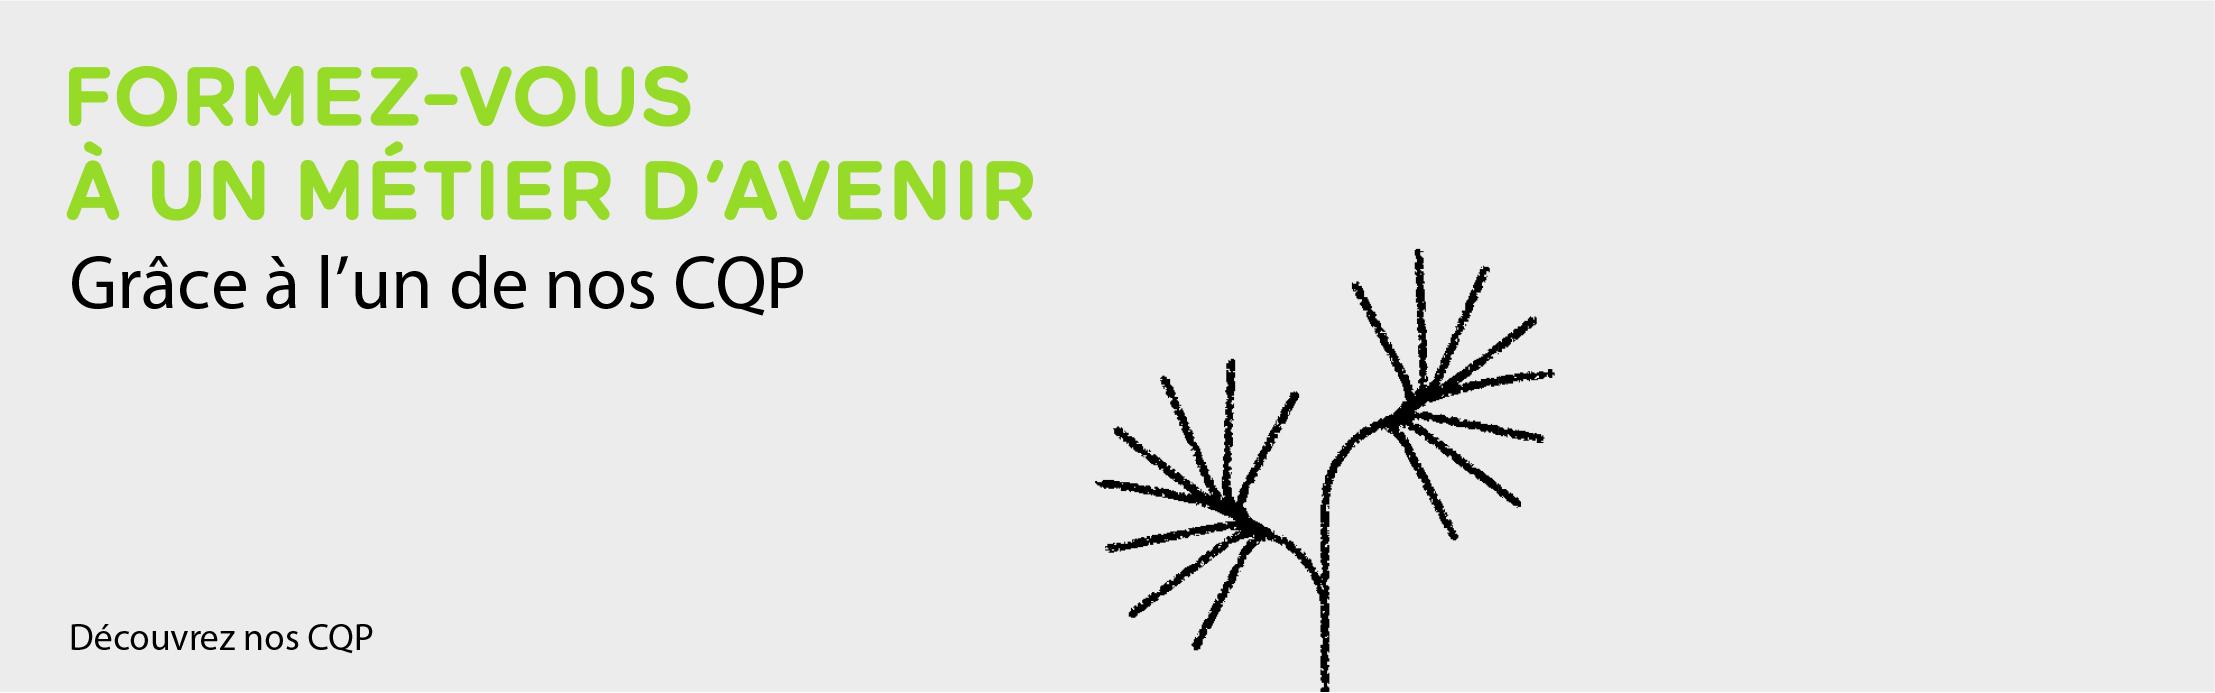 20191230_CQP_METIERS_AVENIR